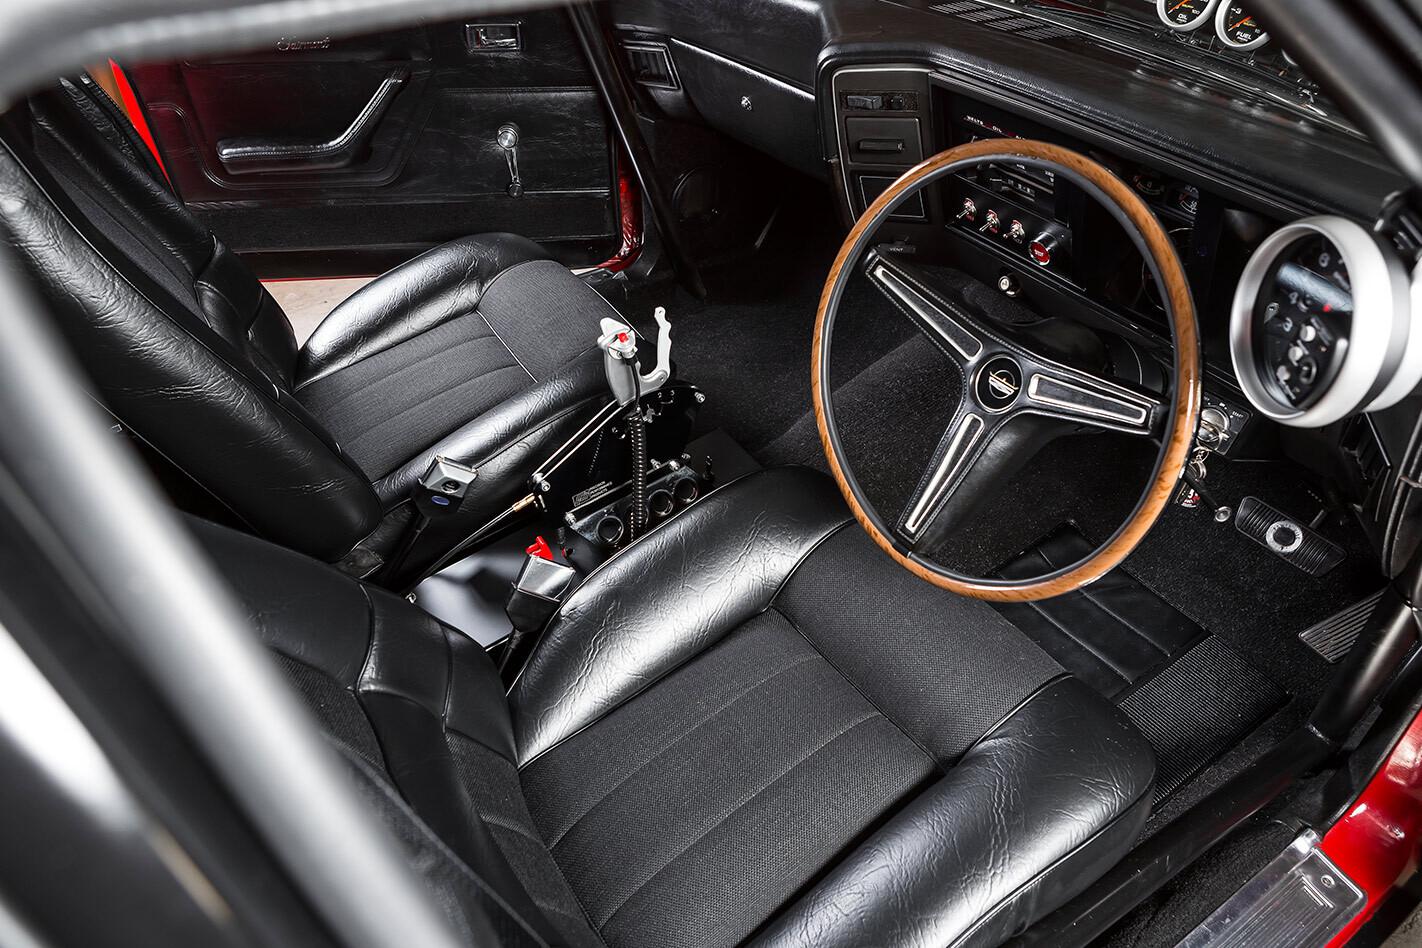 Ford Falcon XA coupe interior